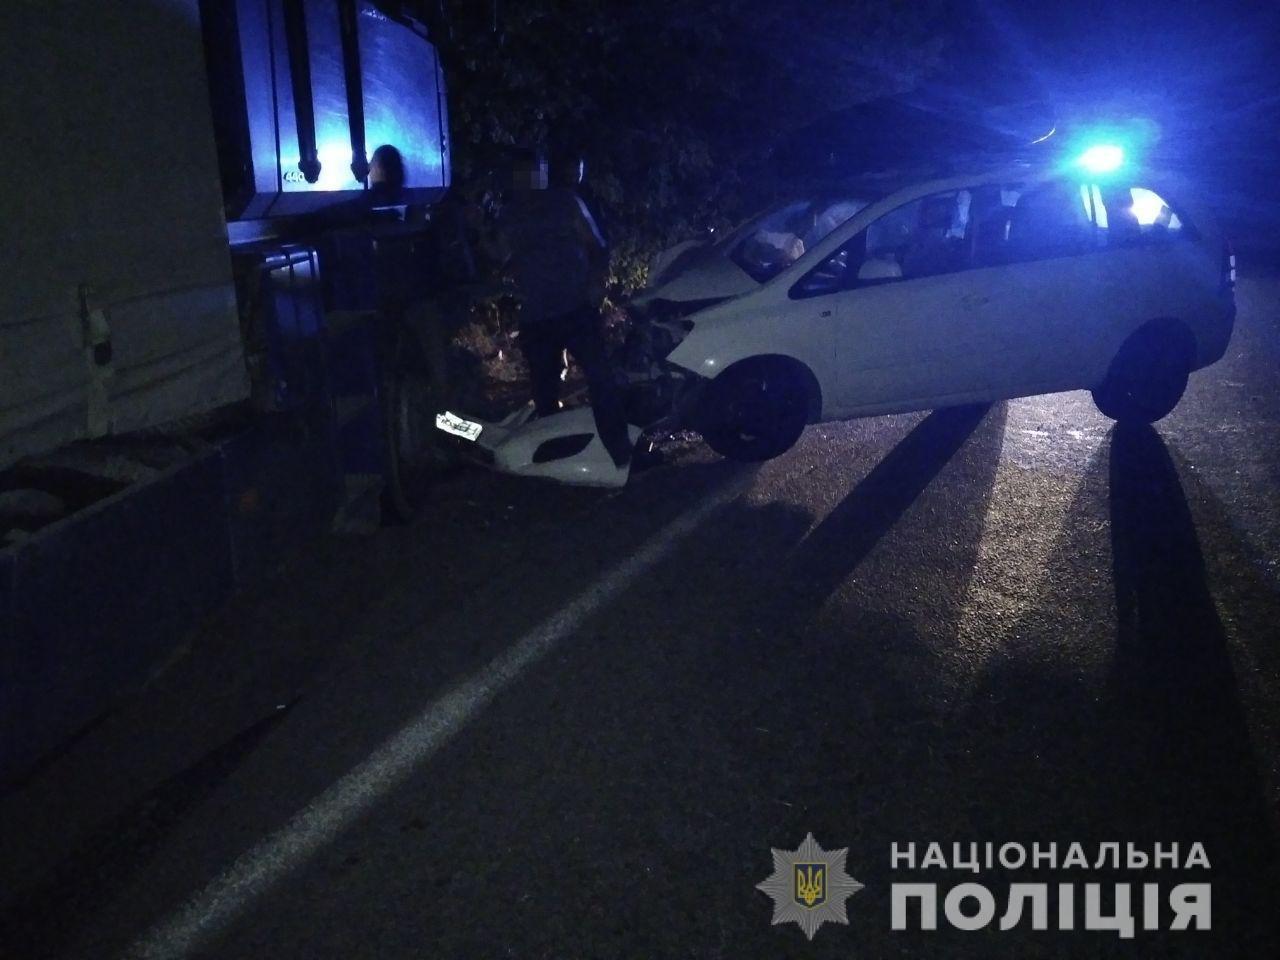 В Николаевской области в результате ДТП травмировалось шесть человек, - ФОТО, фото-1